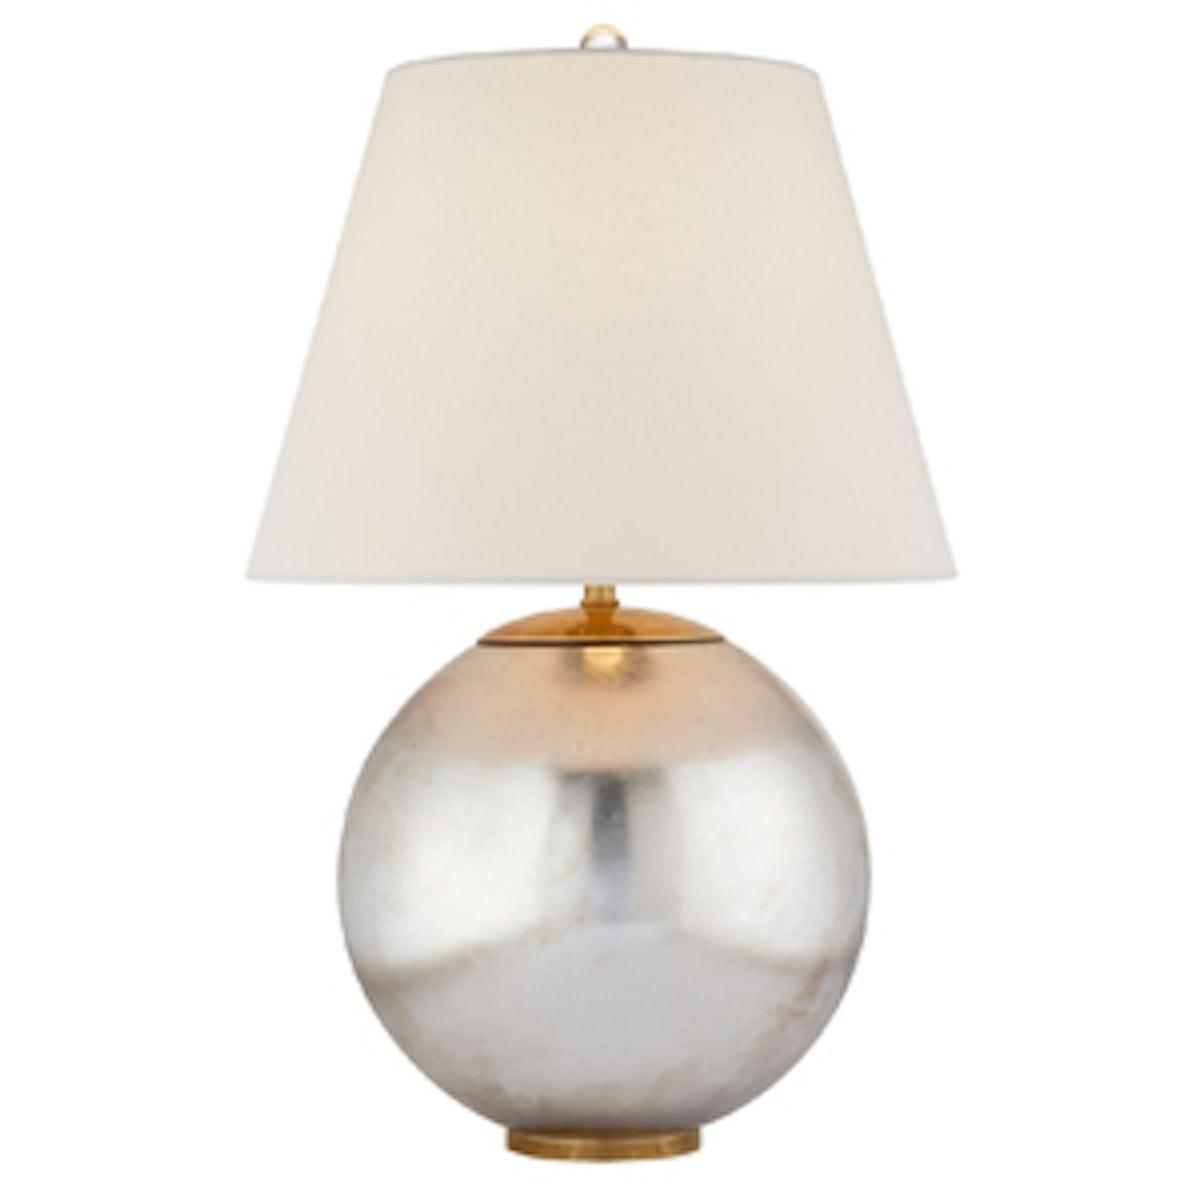 Morton Table Lamp in Silver